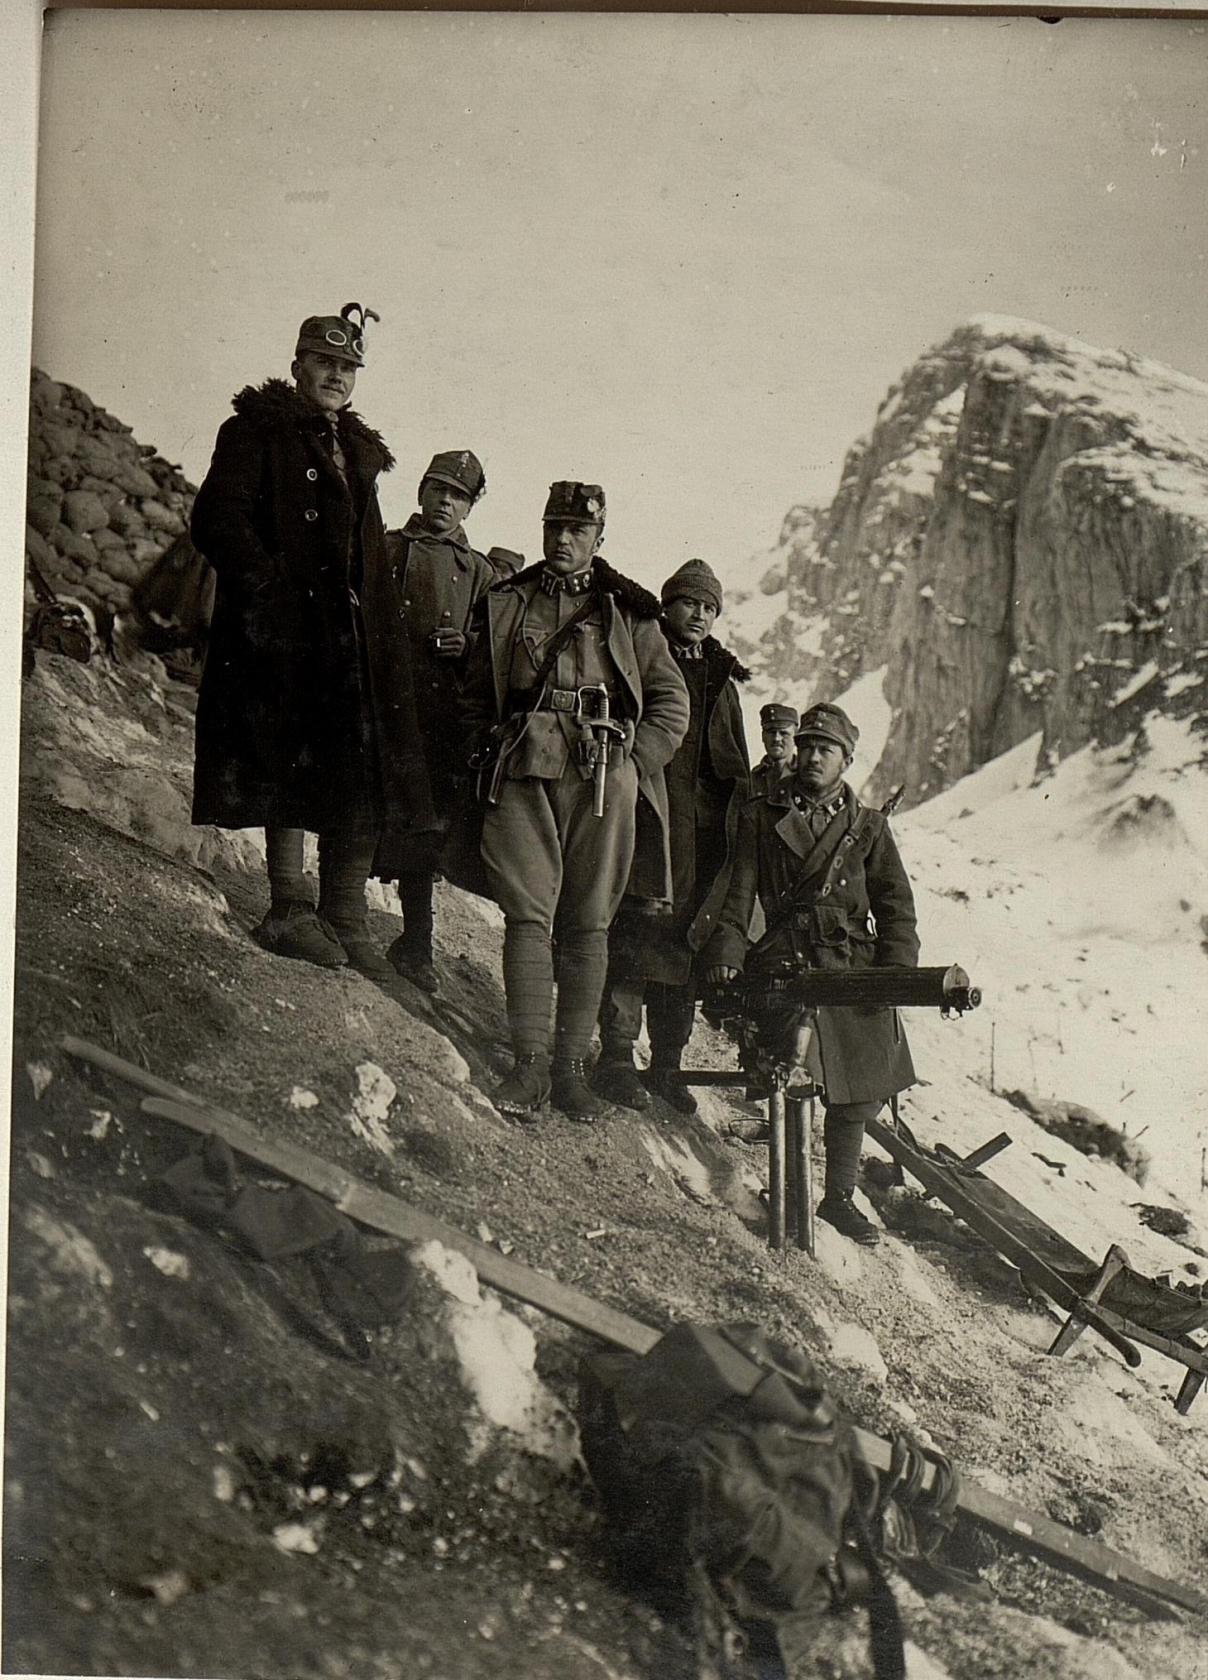 Die den Angriff auf die Cuklastellung kommandierenden Offiziere mit einem eroberten italienischen Maschinengewehr